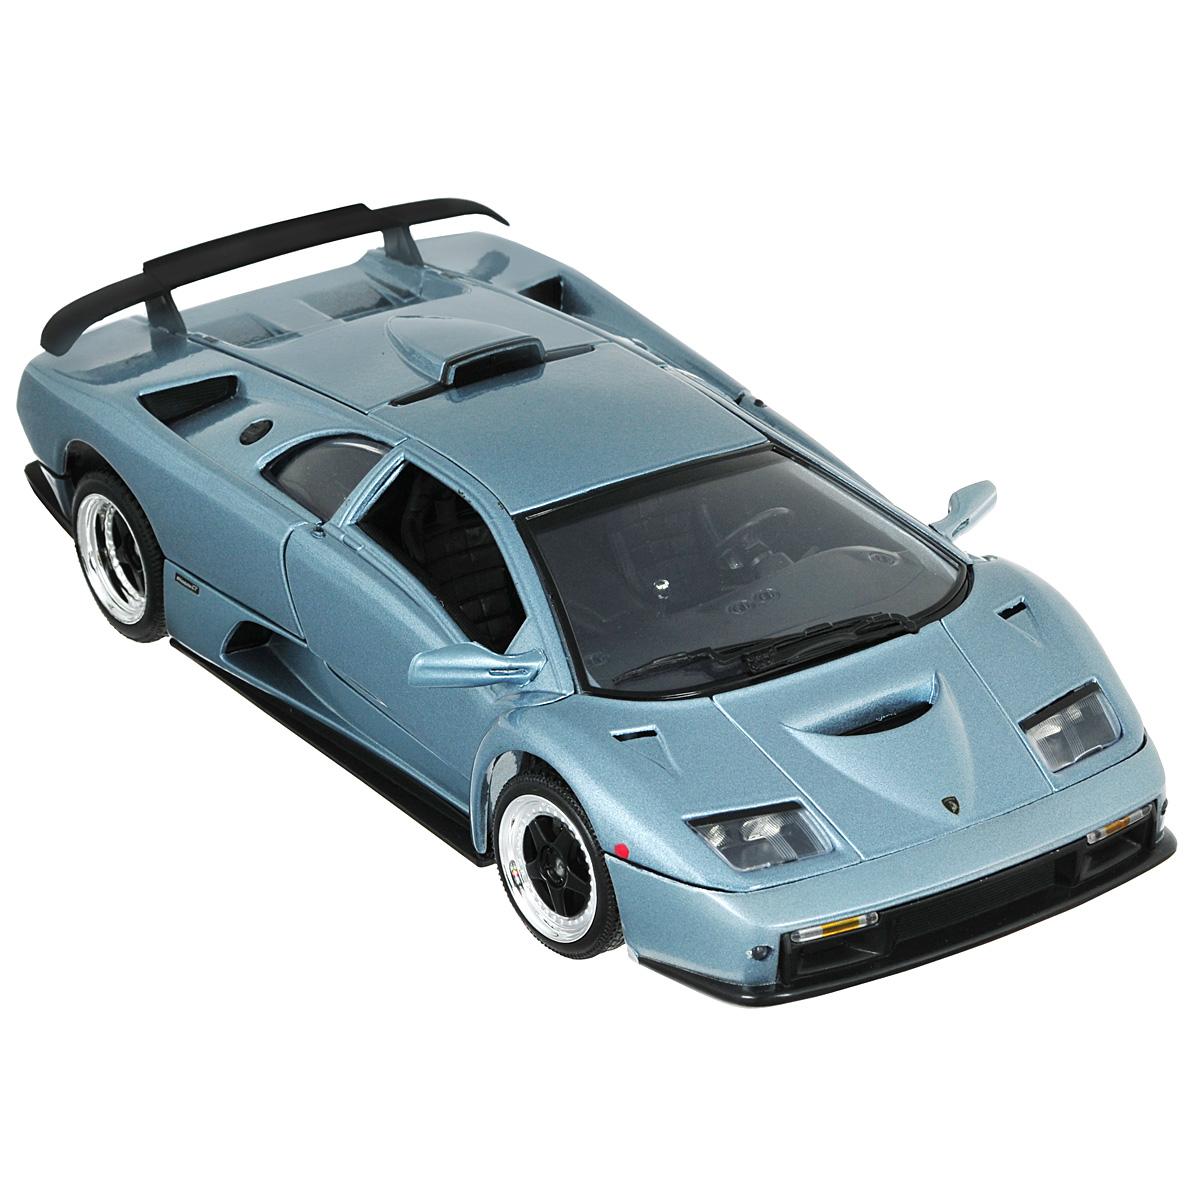 MotorMax Модель автомобиля Lamborghini Diablo GT цвет серыйgrey_metallic/ast73168Коллекционная модель MotorMax Lamborghini Diablo GT станет хорошим подарком для любого ценителя автомобилей. В мире существует всего 80 экземпляров этого итальянского суперкара, впервые увидевшего свет в 1999 году и до сих пор приковывающего к себе внимание. Вступите в элитный клуб владельцев Lamborghini Diablo GT, украсив свою коллекцию великолепной моделью в масштабе 1:18 от MotorMax. Модель максимально точно соответствует своему прототипу: открываются двери крыло бабочки и багажник. Машинка изготовлена из литого металла (Die Cast), для декорирования использованы пластиковые элементы. Колеса, поворачивающиеся при кручении руля, обуты в резиновые шины. Модель помещена на пластиковую подставку с оригинальным названием машины. Эта игрушка станет великолепным подарком для коллекционера. Она упакована в премиальную упаковку, что делает внешний вид машинки презентабельным.